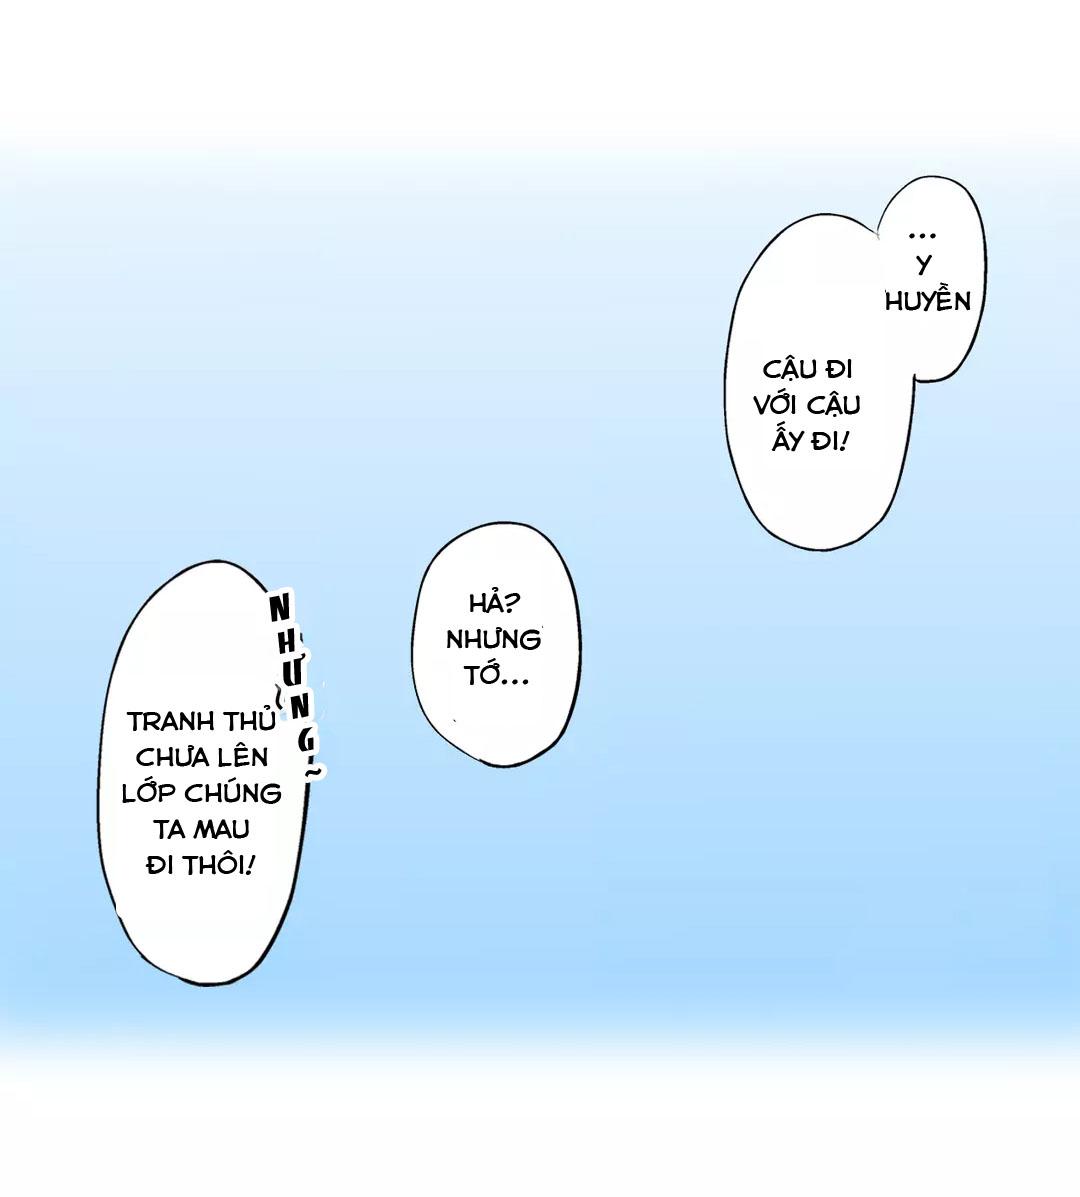 Một Giây Để Hôn Em Chap 5 - Next Chap 6